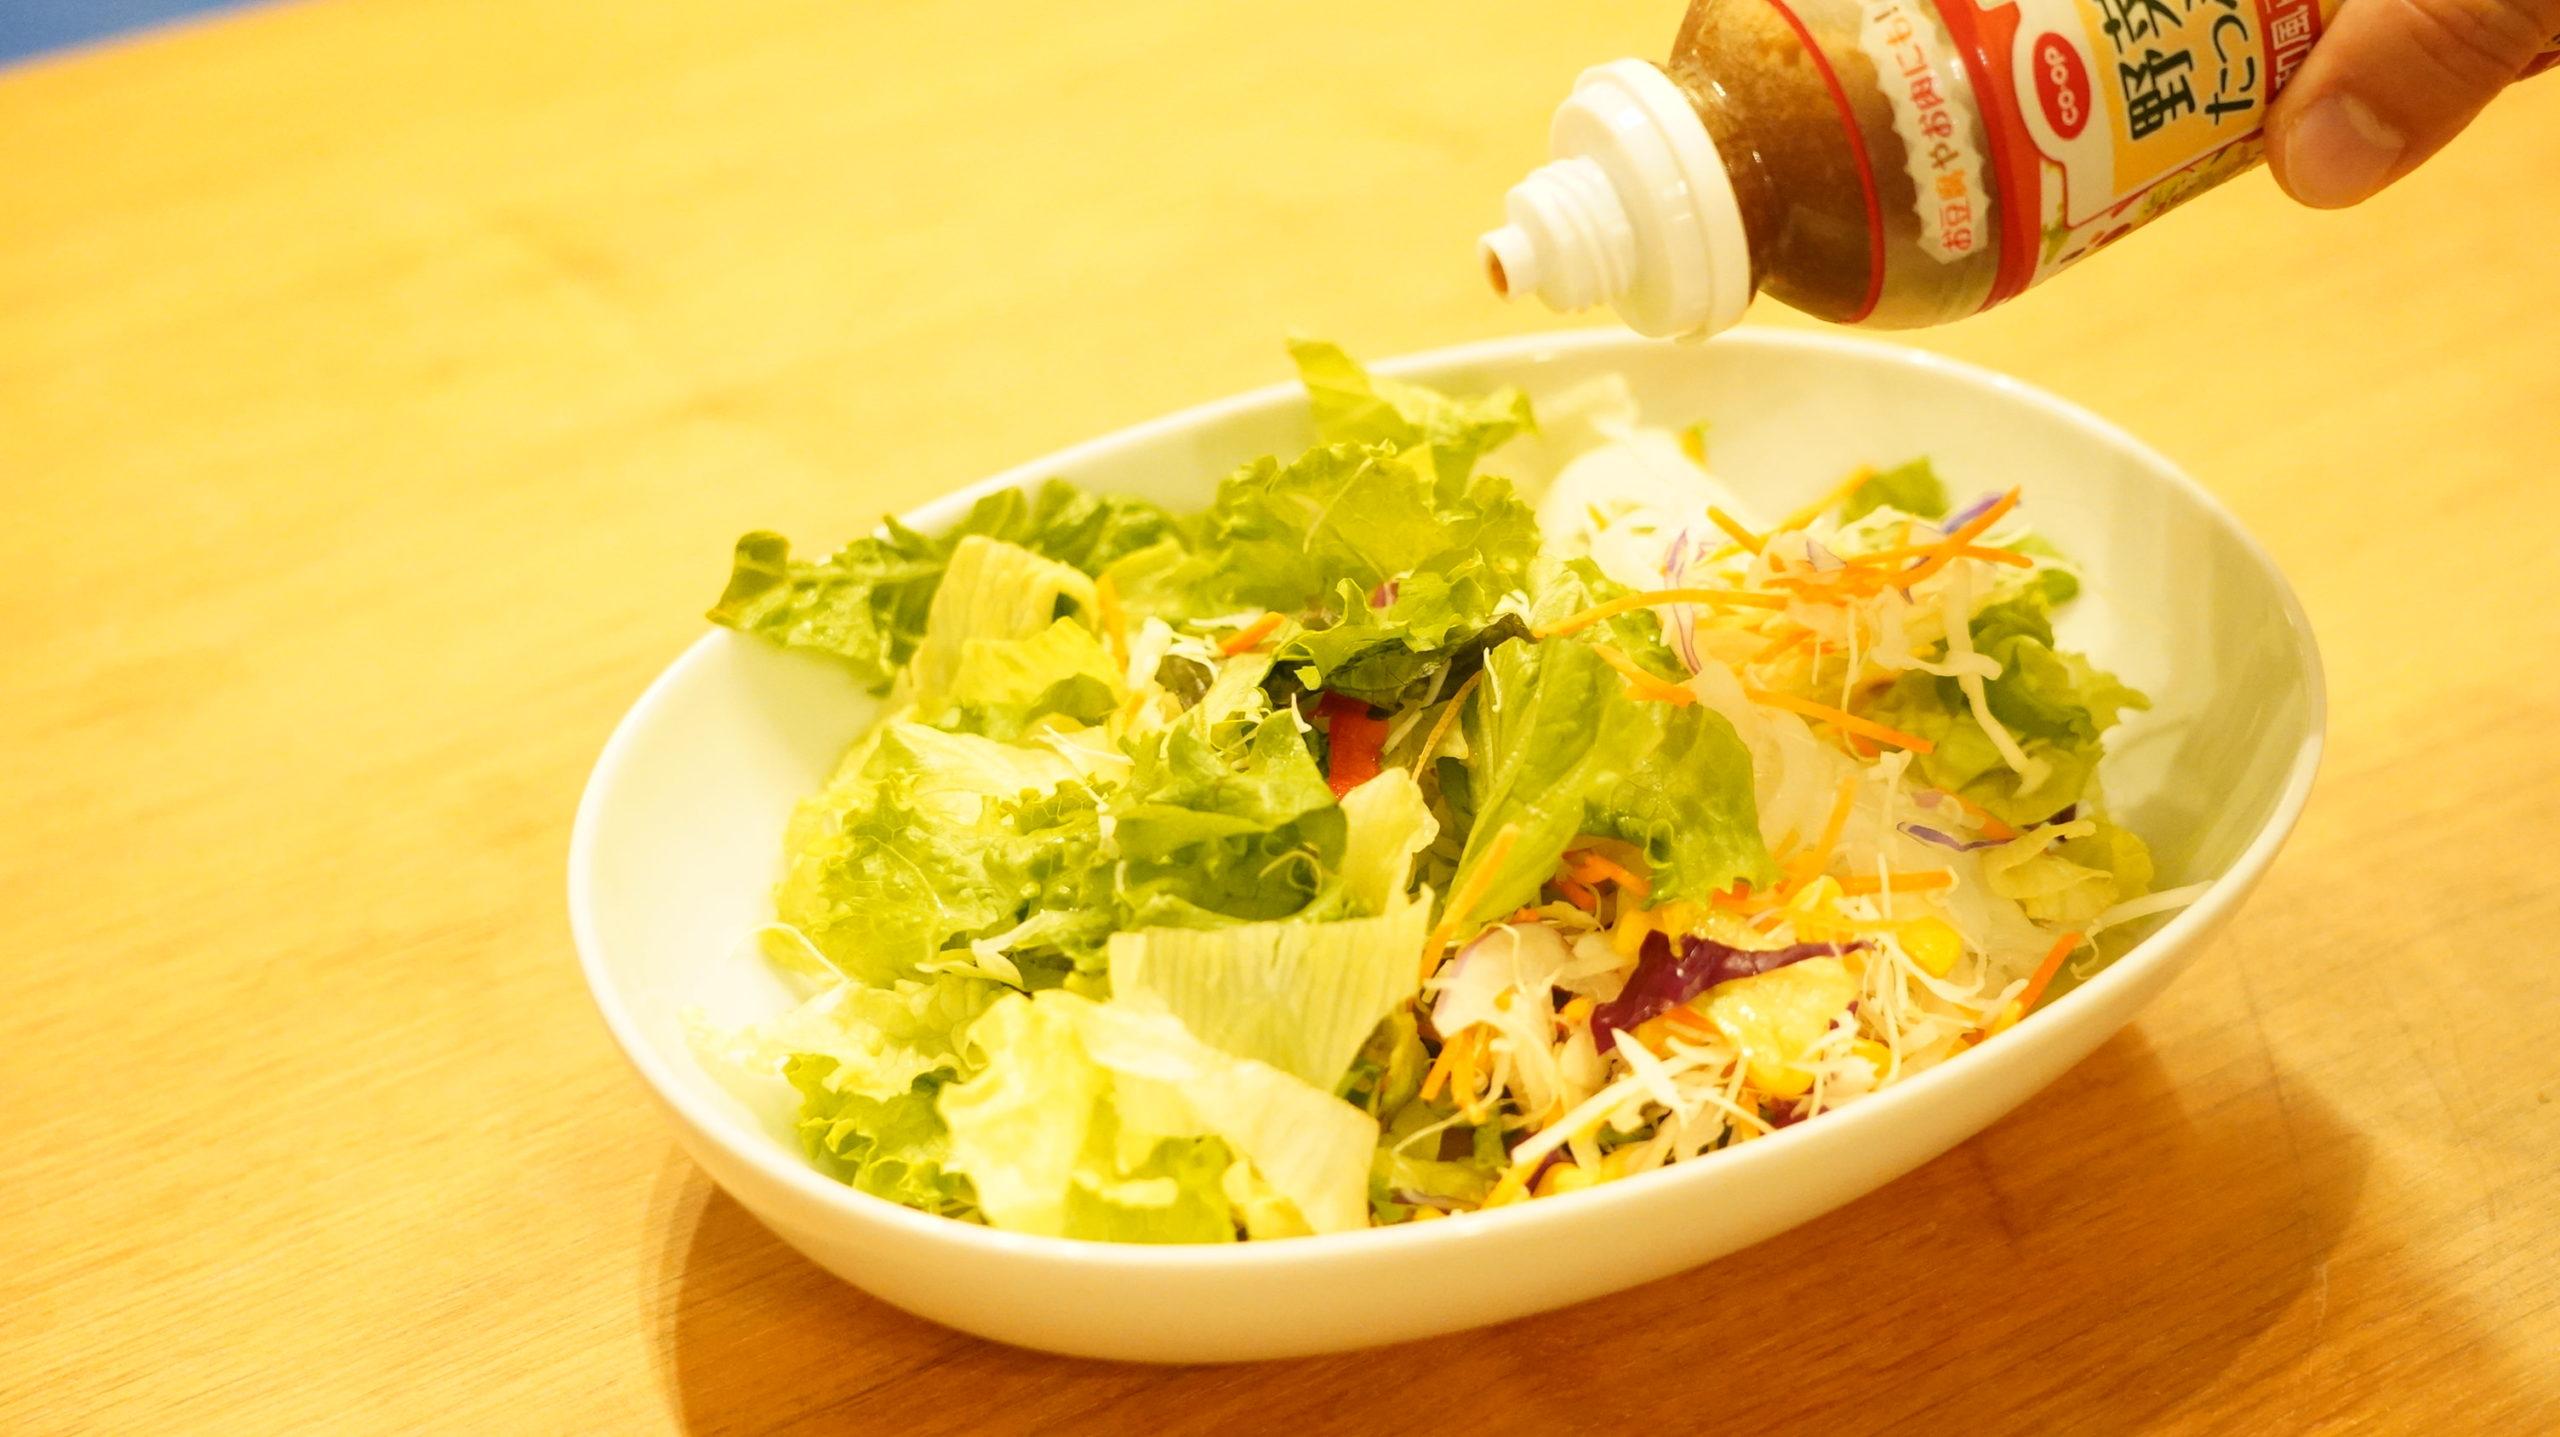 生協の宅配「おうちコープ」の野菜たっぷり和風ドレッシングをサラダにかけている様子